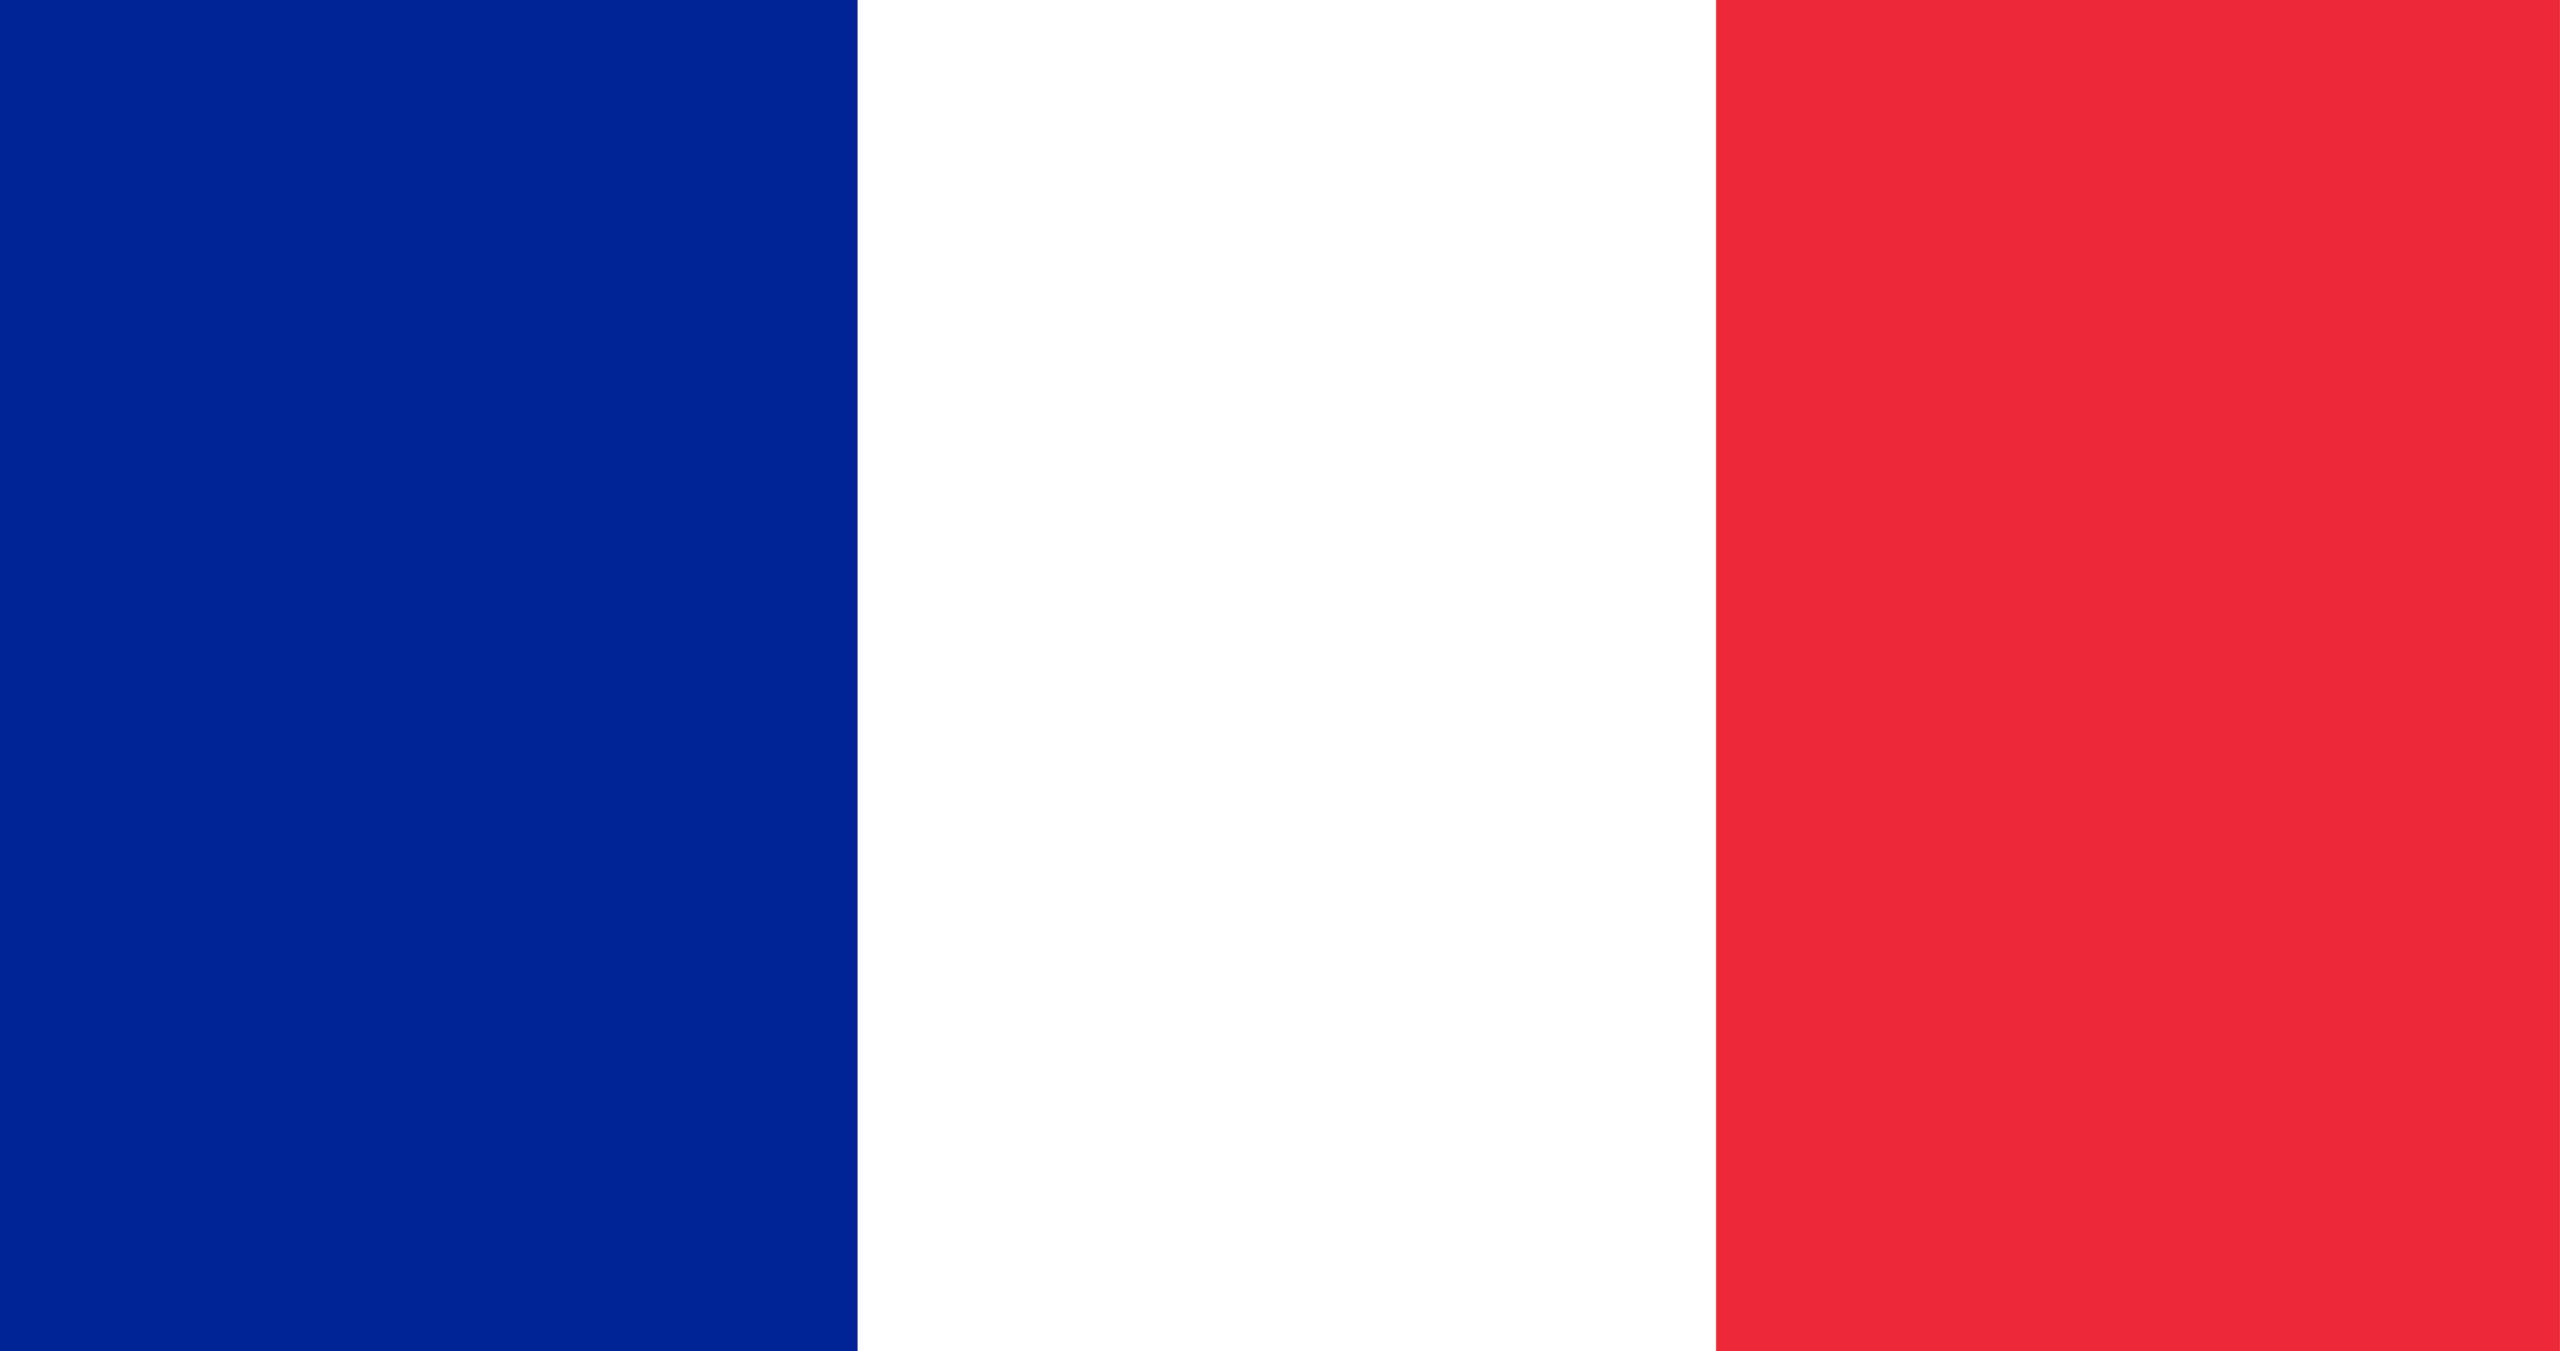 Illustration of France flag